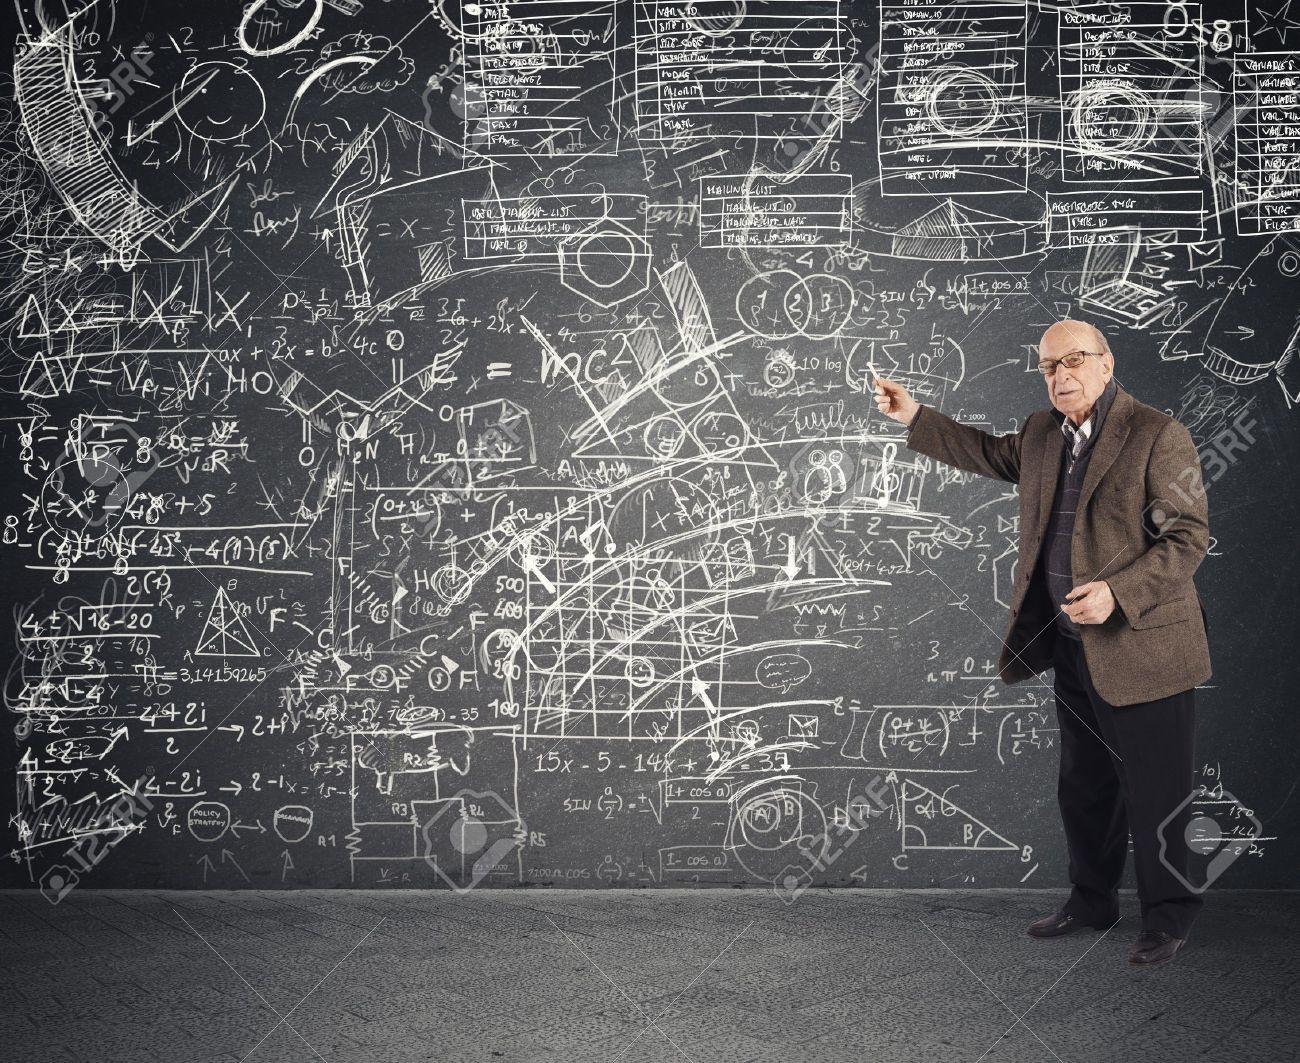 45705087-genius-aged-teacher-explains-a-complicated-lesson